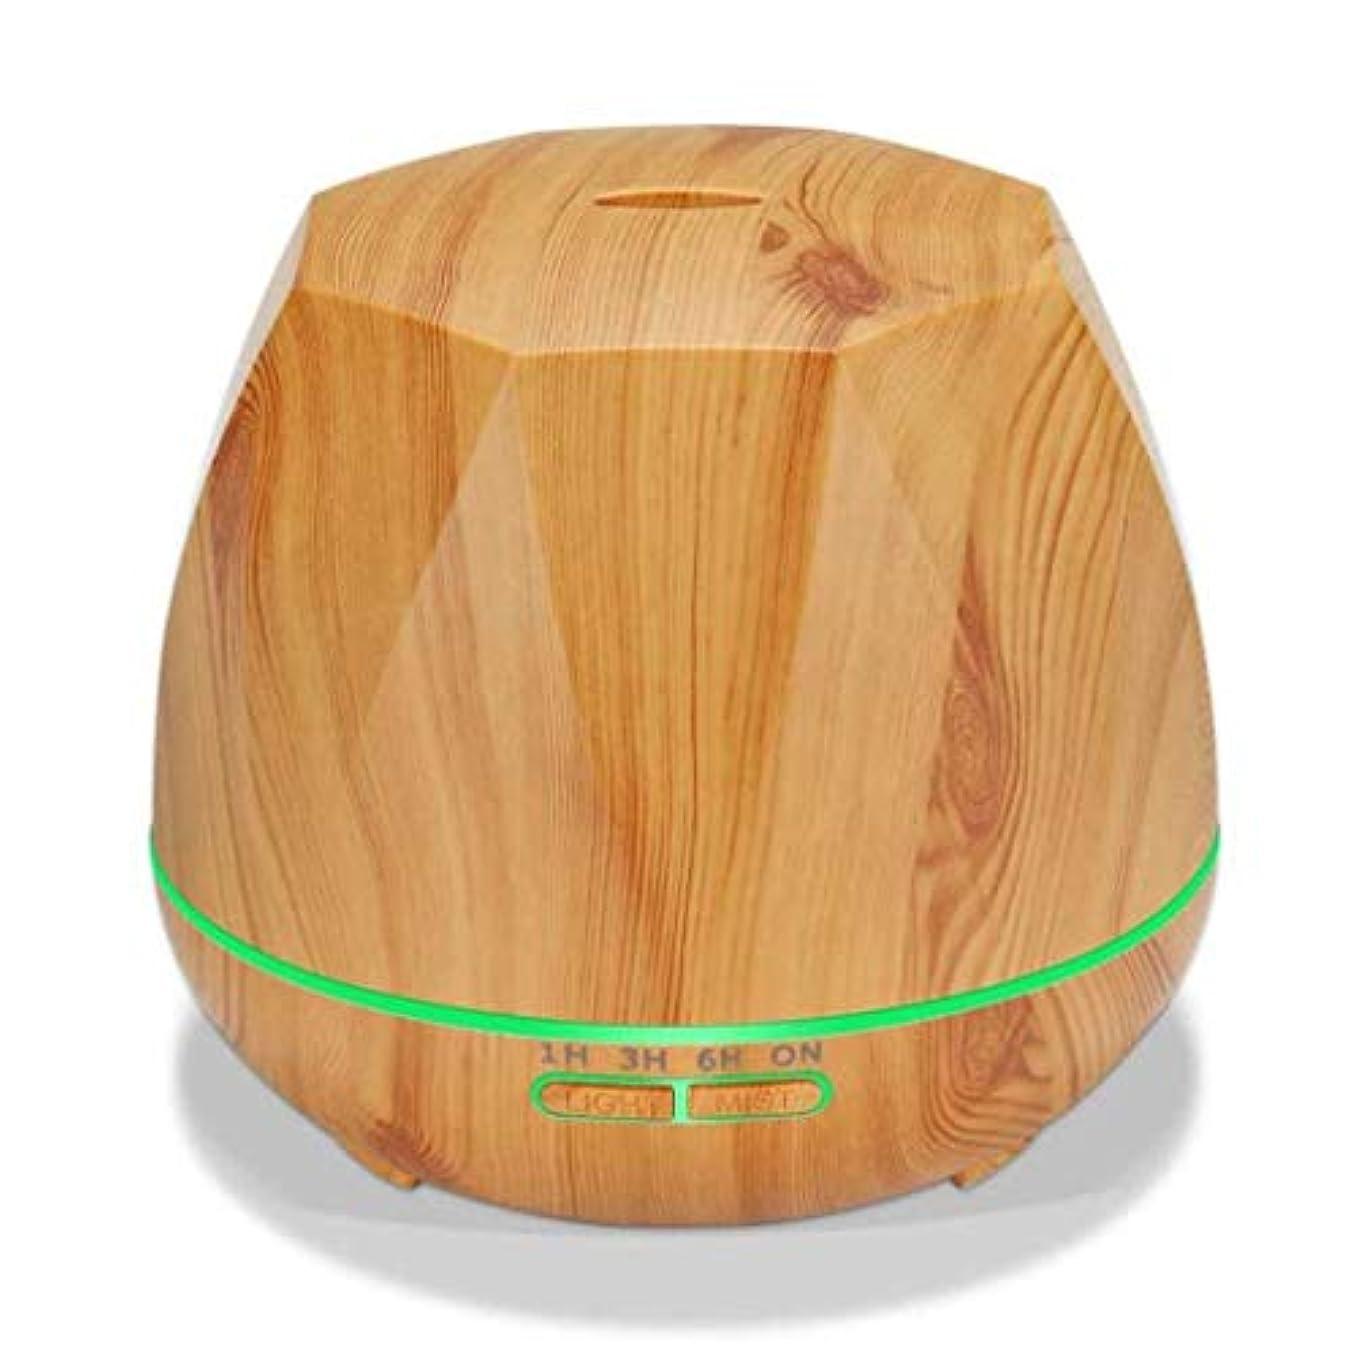 ばかげた本物テクスチャークールミスト空気加湿器、カラーLEDライト付き交換用超音波、ヨガ、オフィス、スパ、寝室、ベビールーム - 木目調 (Color : Light wood grain)